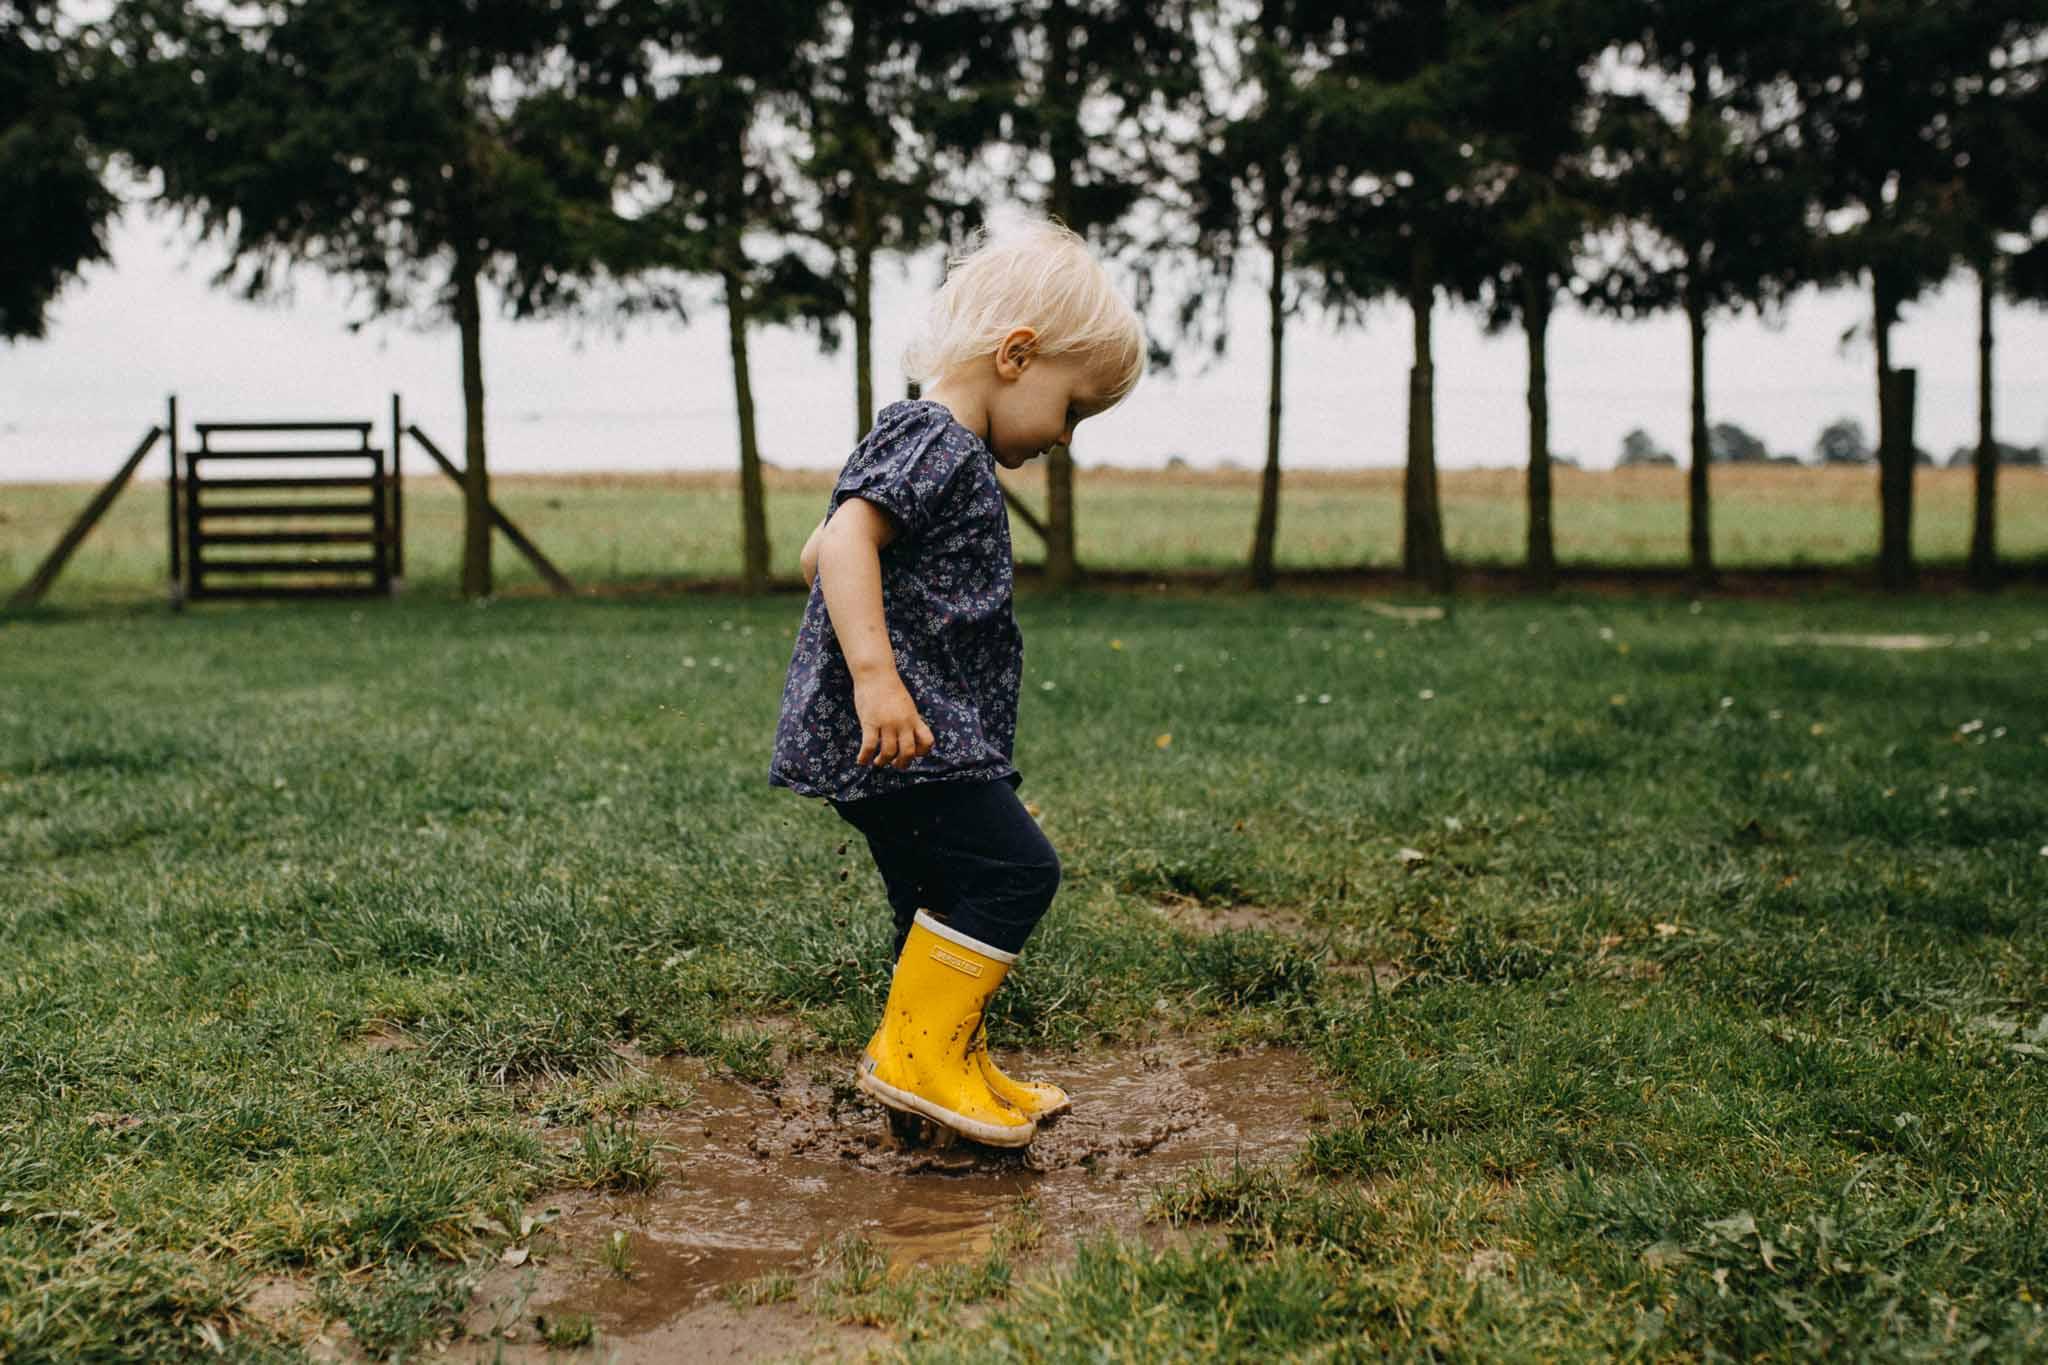 kleines Mädchen springt mit gelben Gummistiefeln in der Pfütze